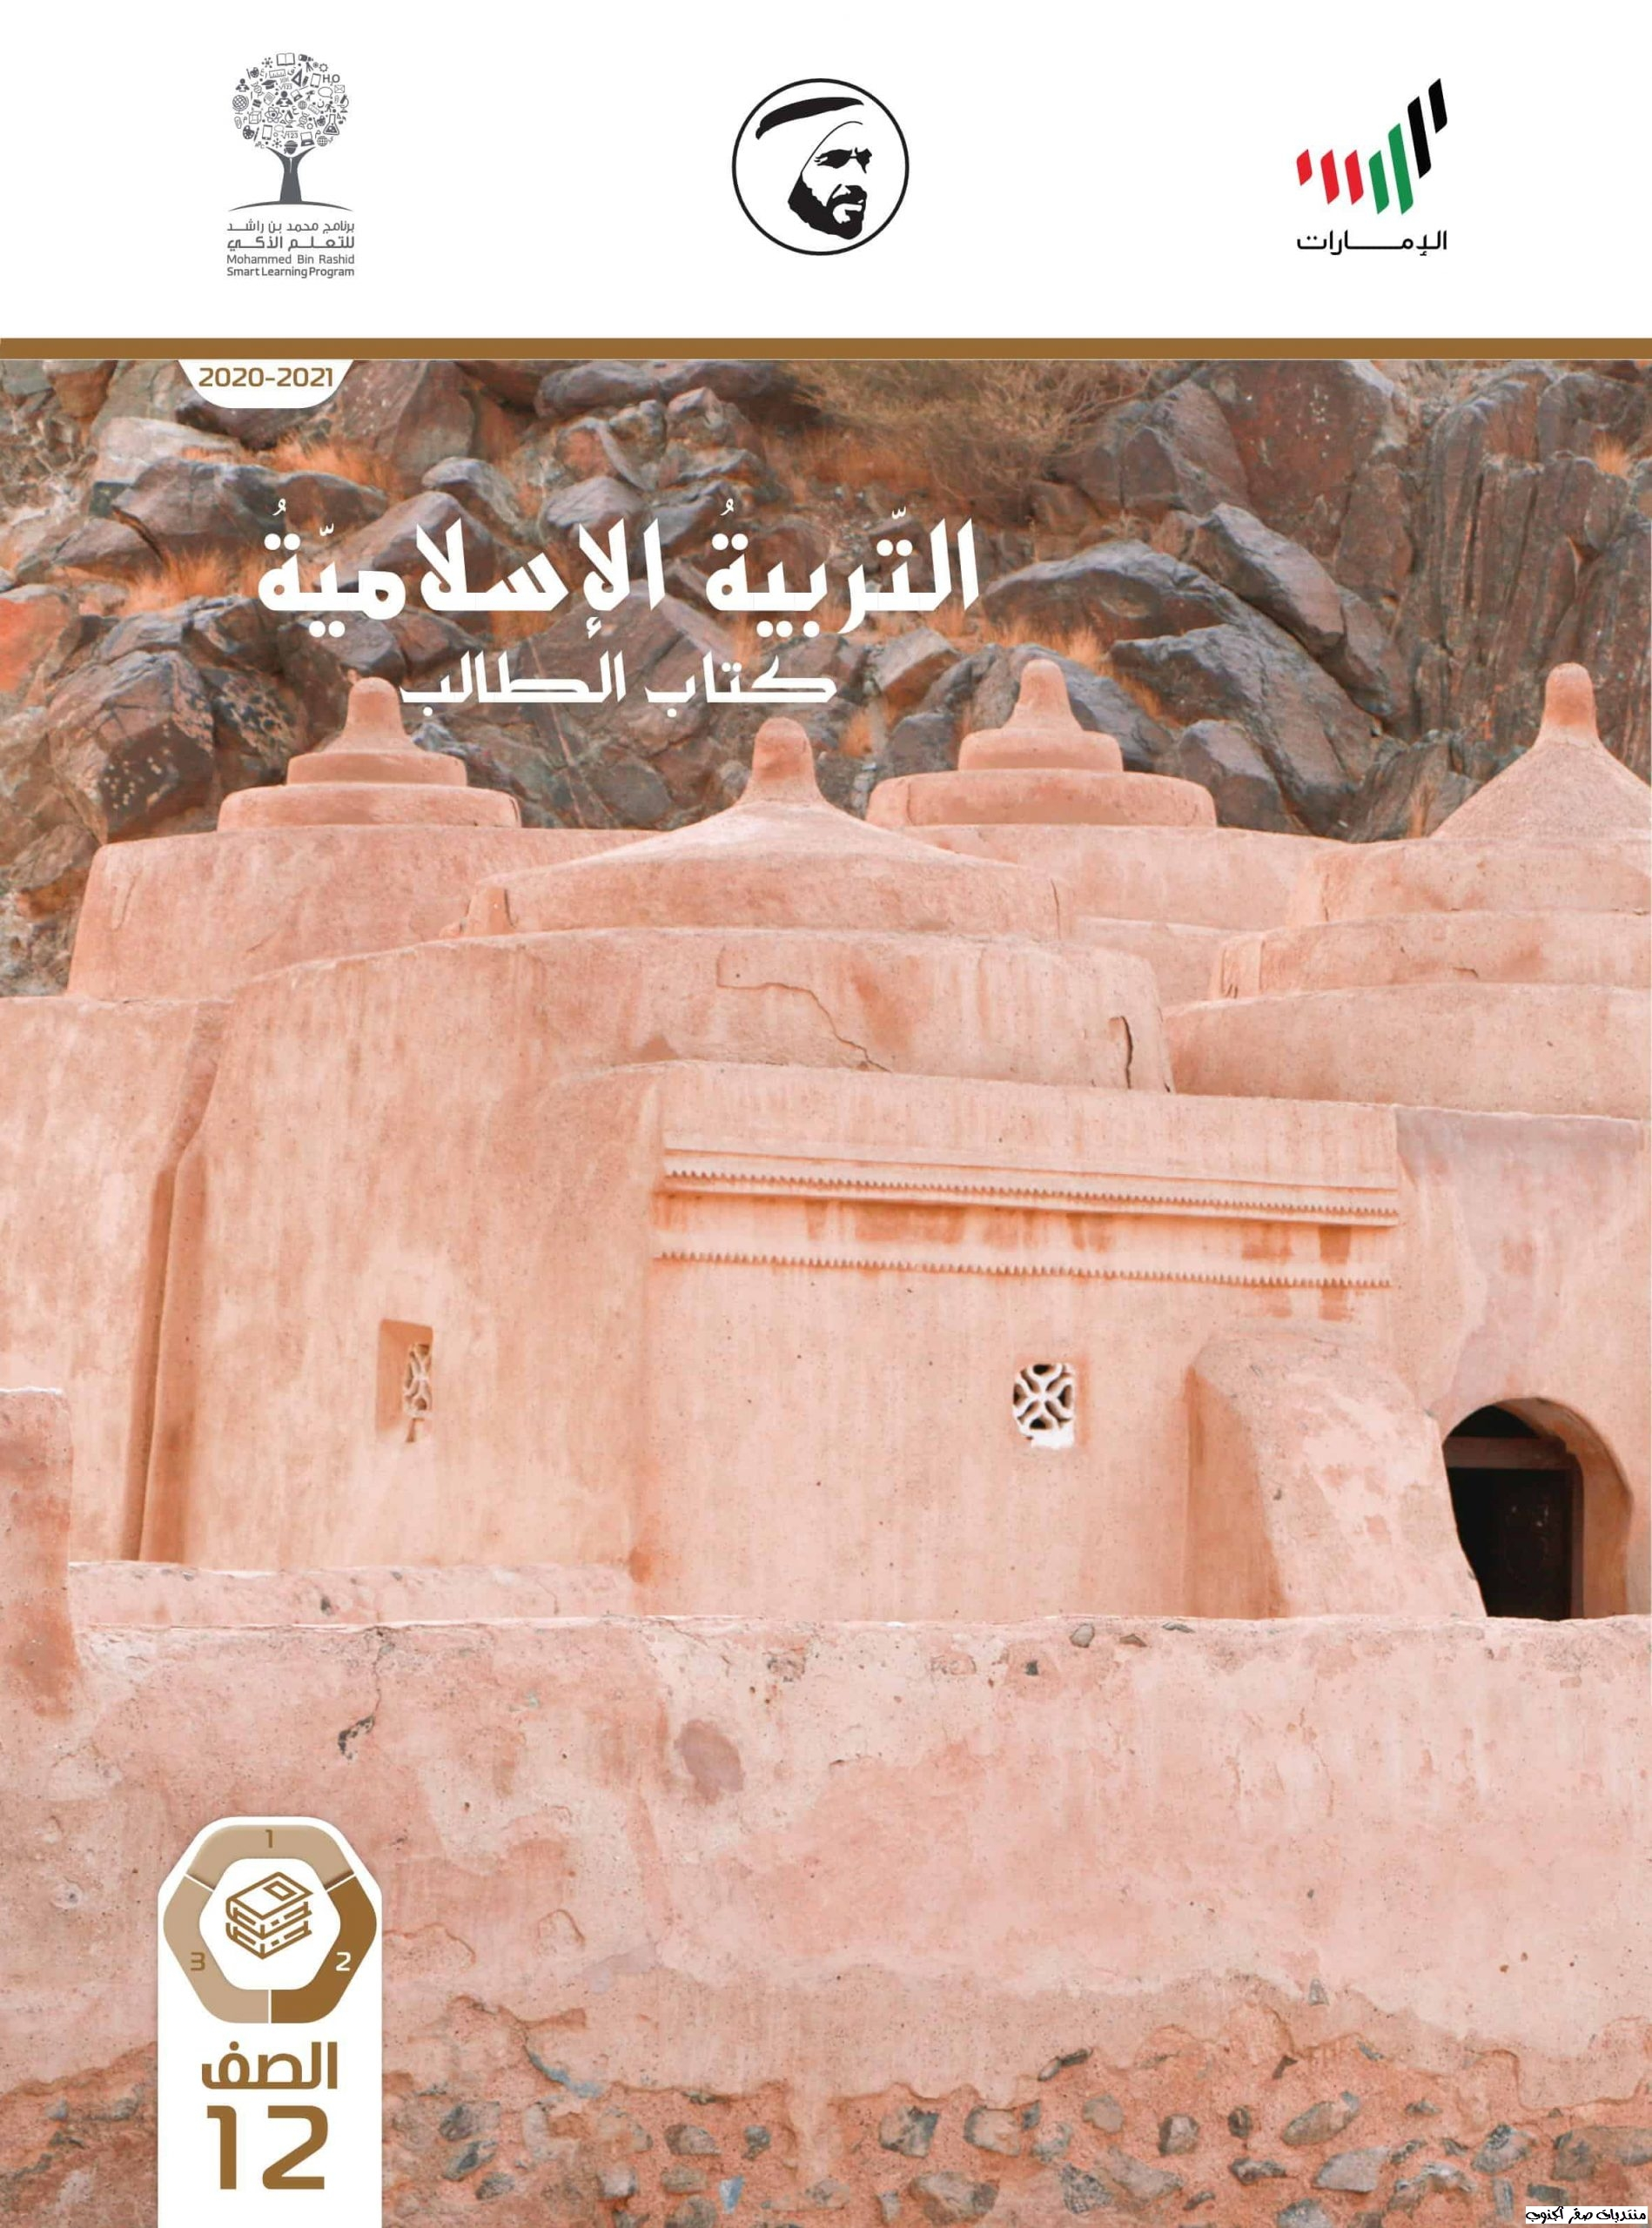 الطالب التربية الاسلامية الثاني الثاني2021